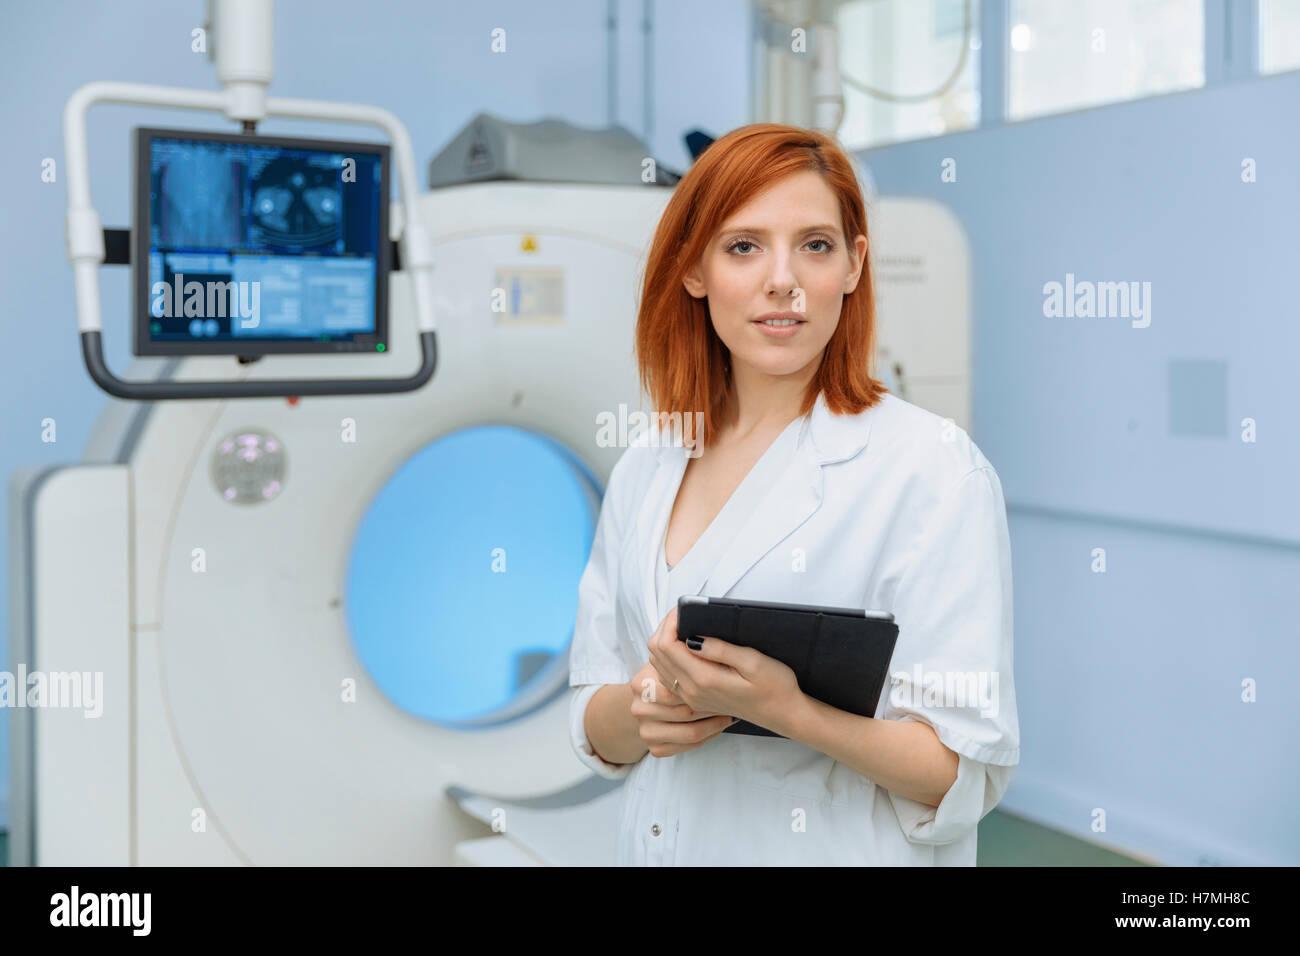 Retrato de una mujer médico en la sala de exploración Imagen De Stock